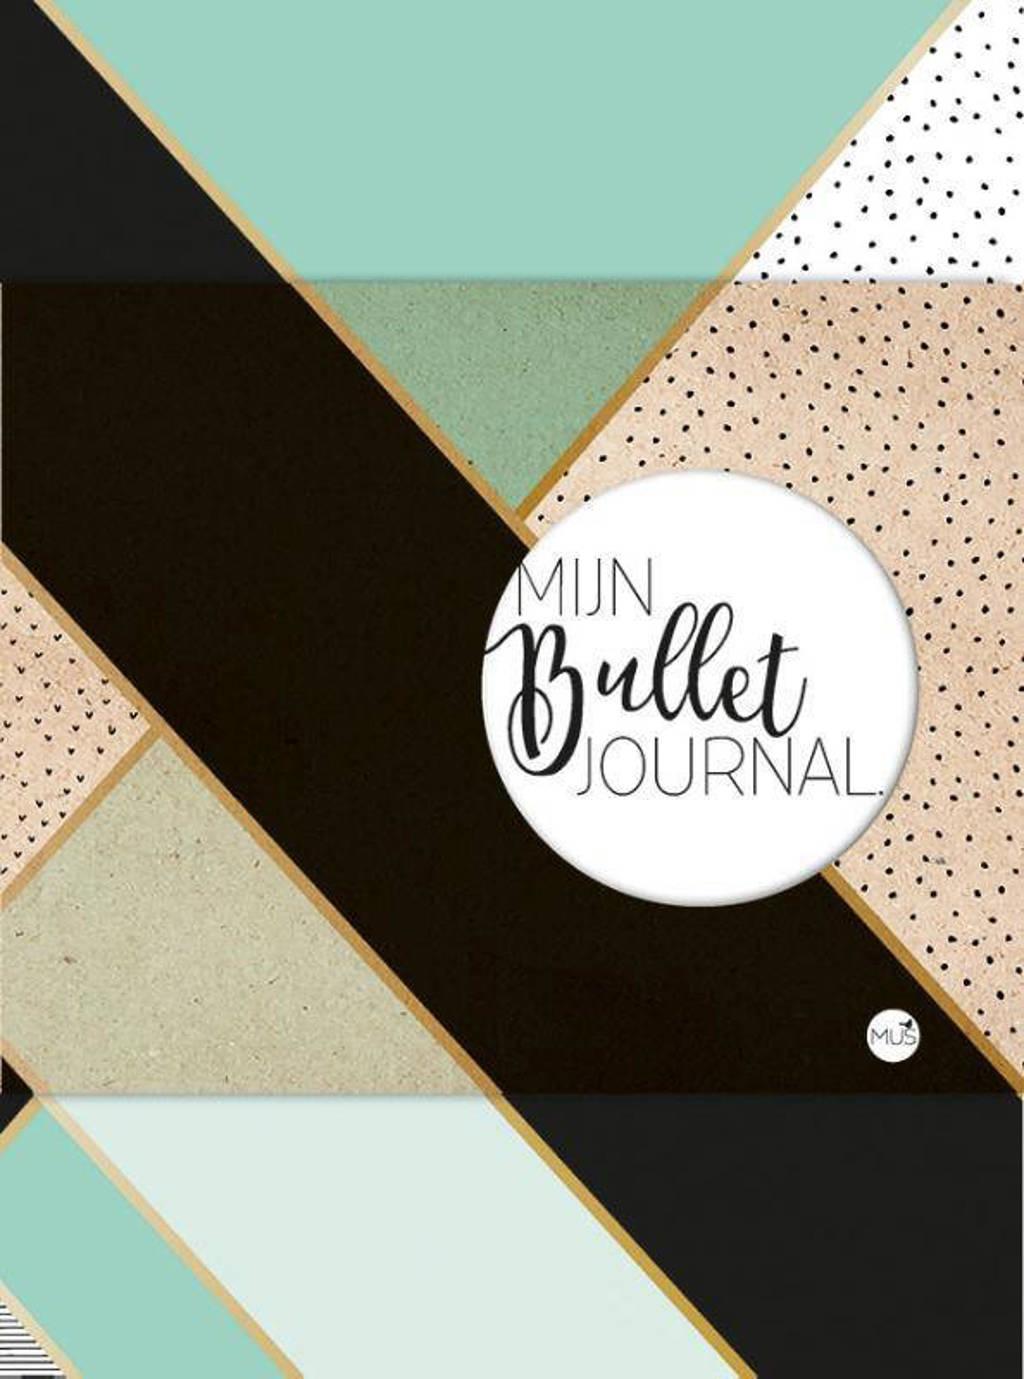 Mijn Bullet Journal - mint & goud - Nicole Neven